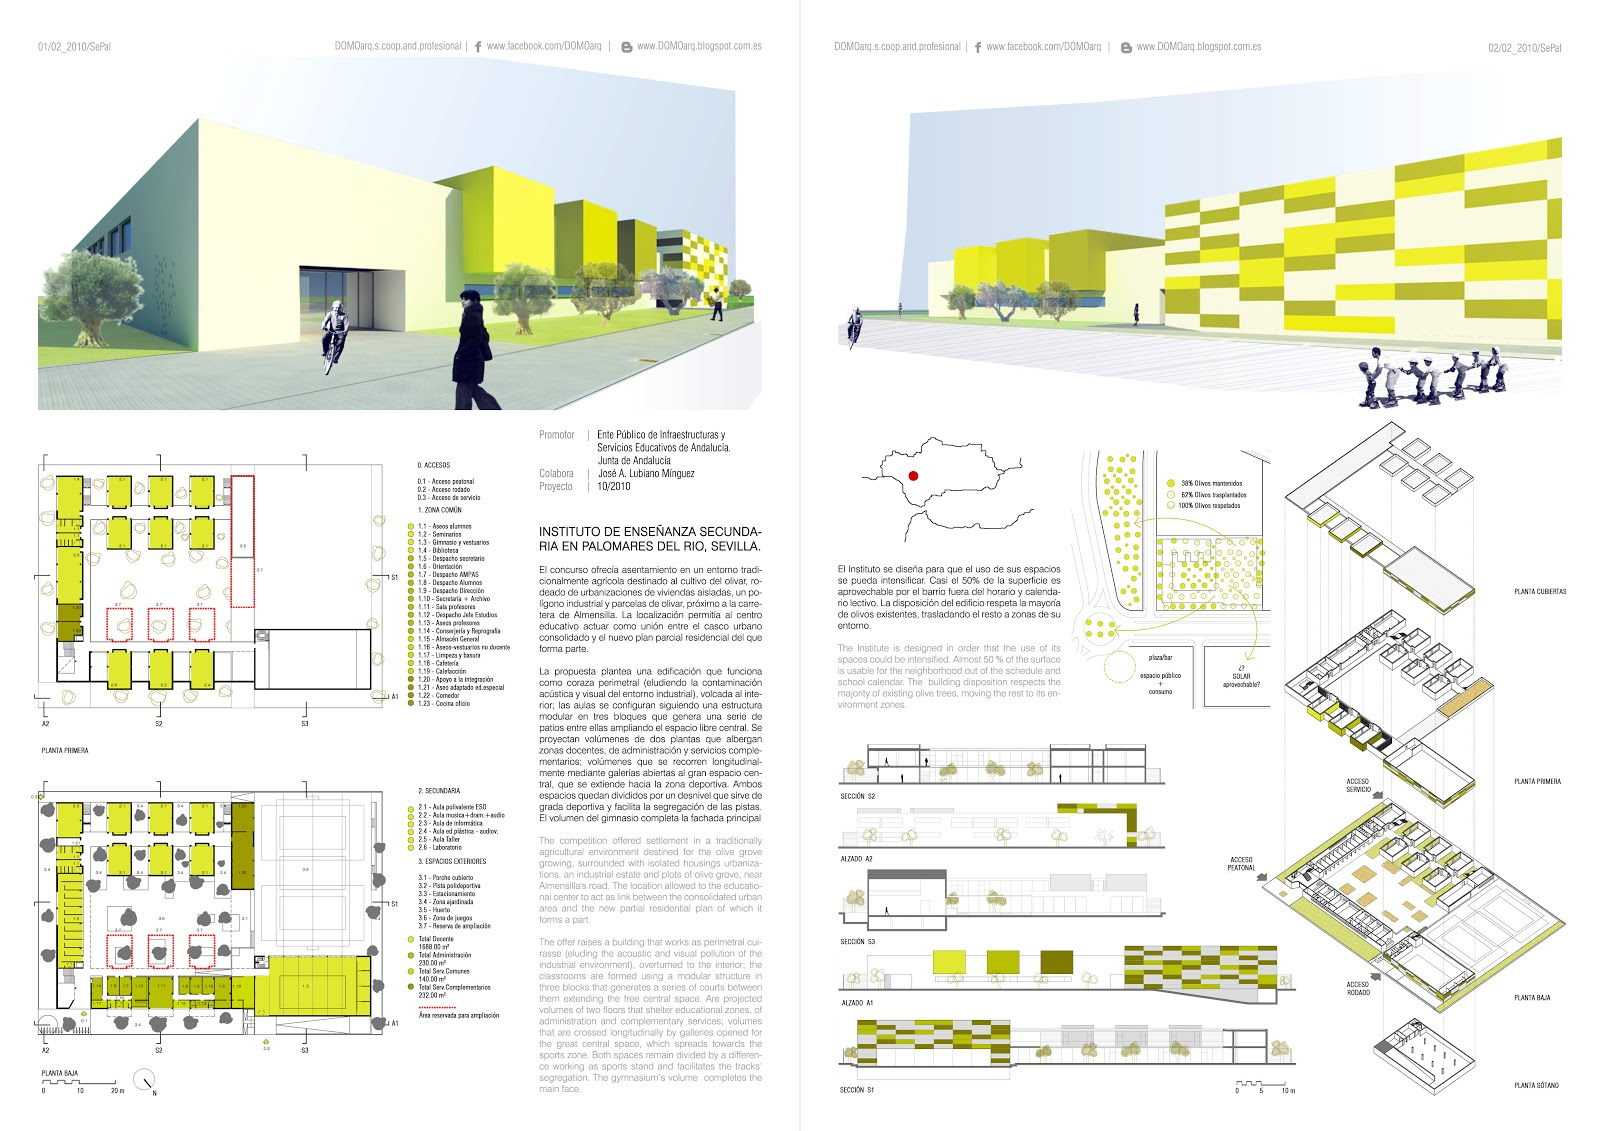 Instituto de ense anza secundaria en palomares del r o - Estudios de arquitectura en sevilla ...